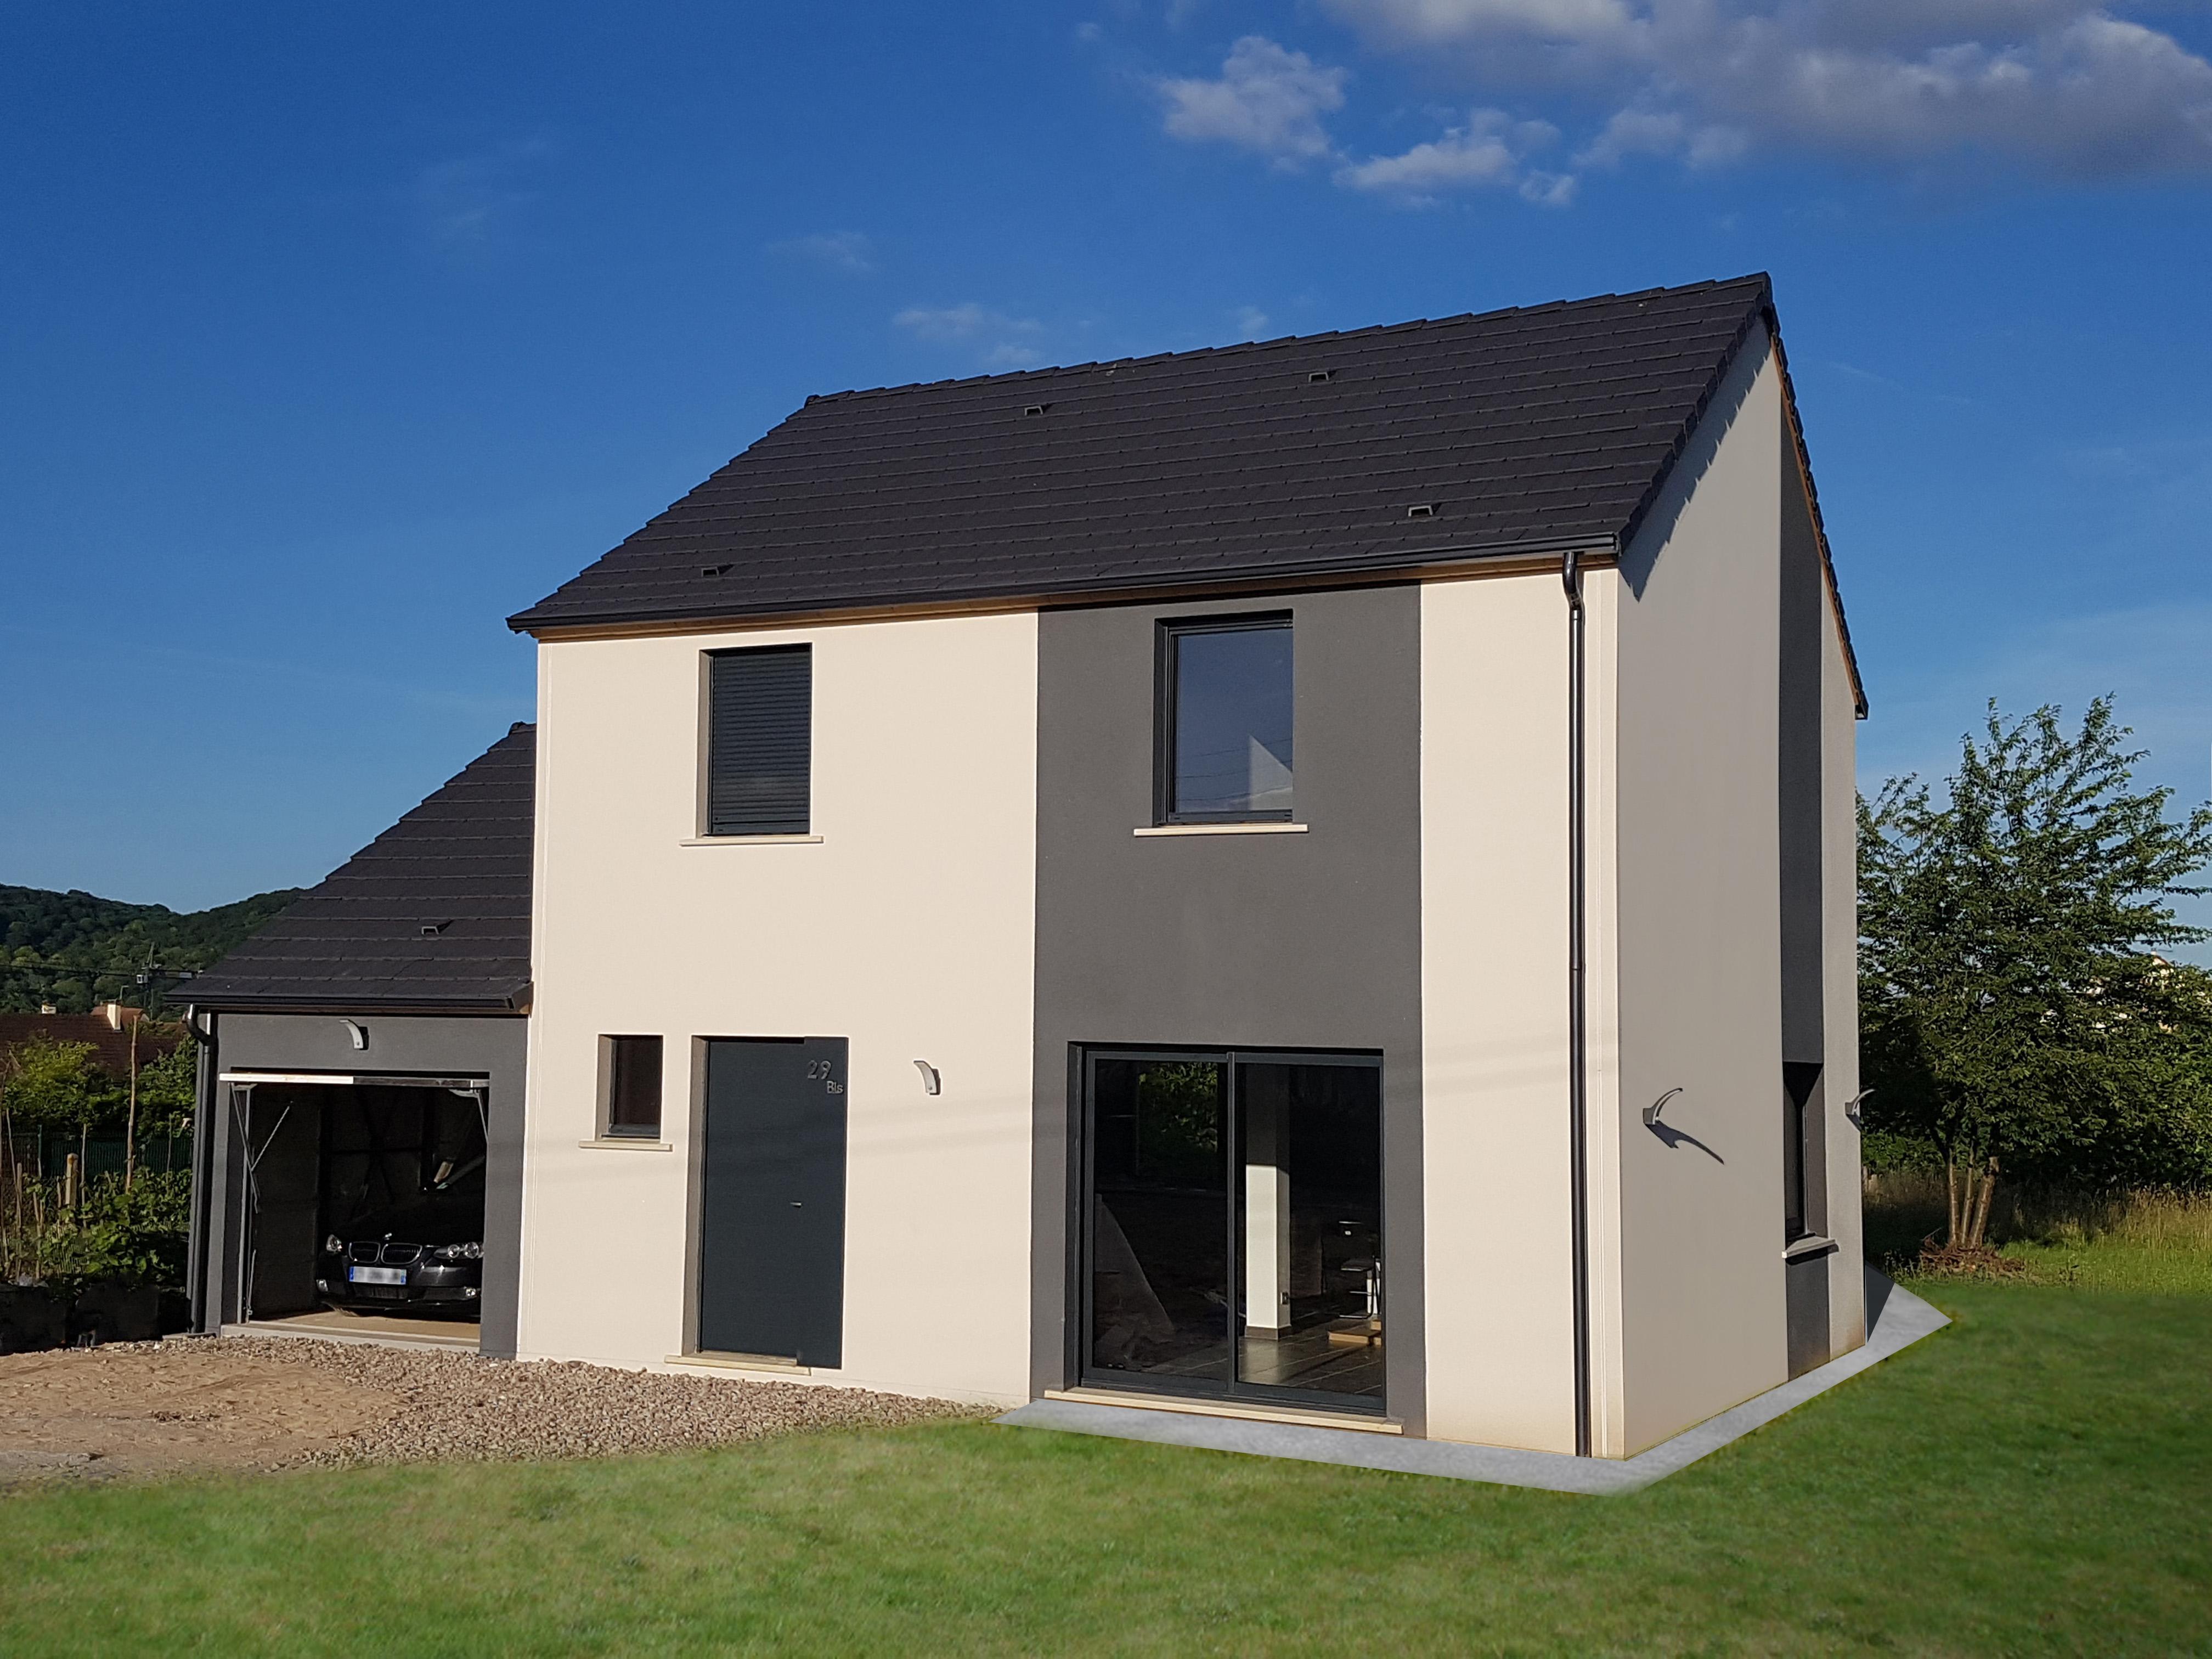 Maisons + Terrains du constructeur MAISONS PHENIX • 104 m² • SAINT SULPICE LA FORET